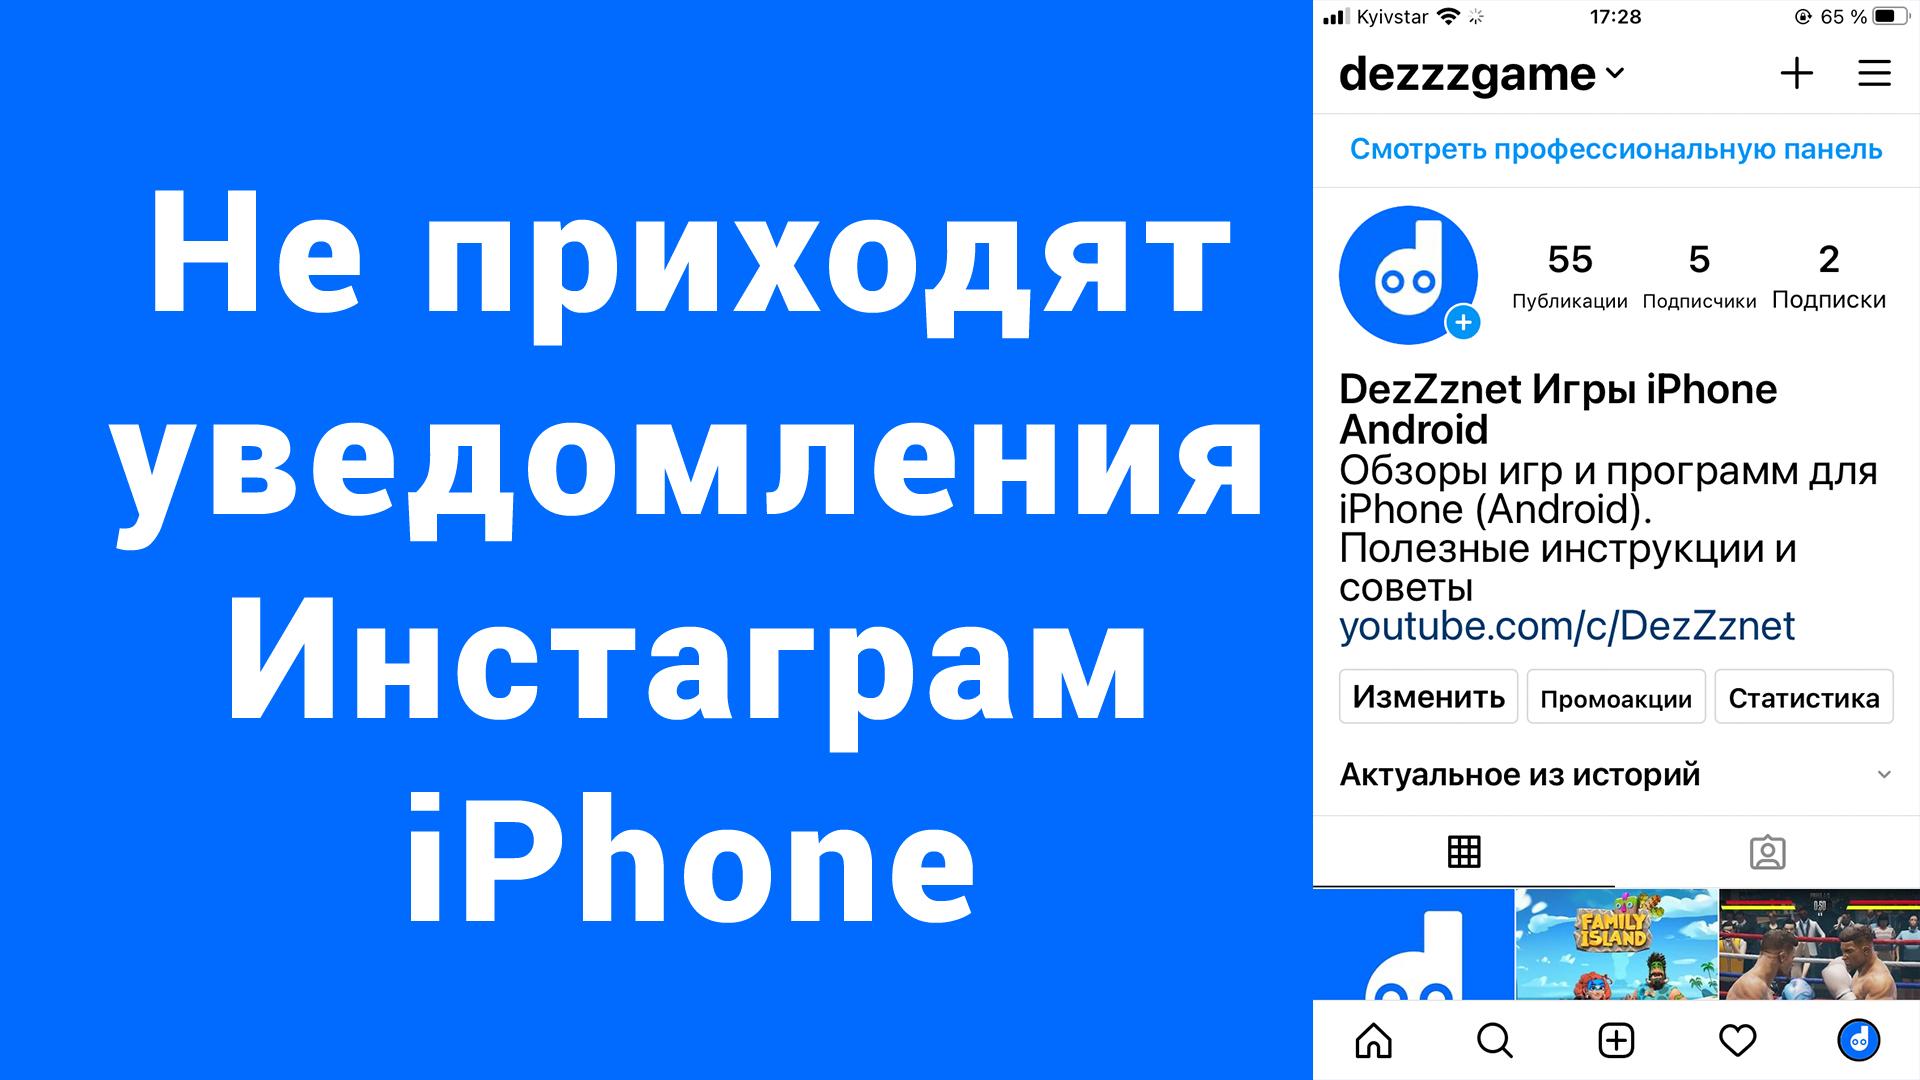 Не приходят уведомления Instagram iPhone – 2 способ Включить уведомления